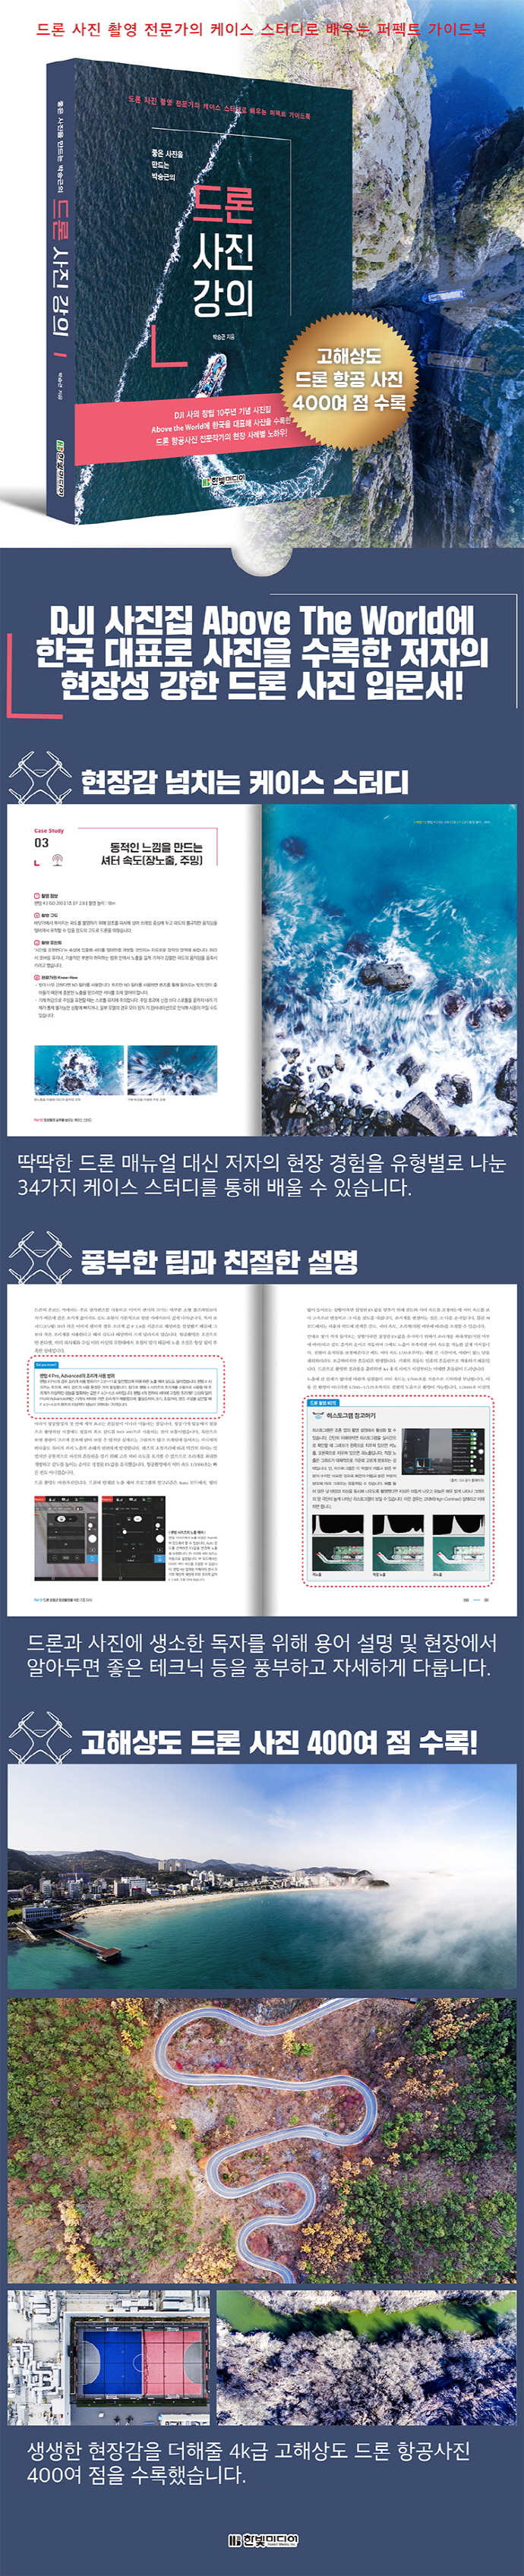 드론 사진 강의(좋은 사진을 만드는 박승근의) 도서 상세이미지